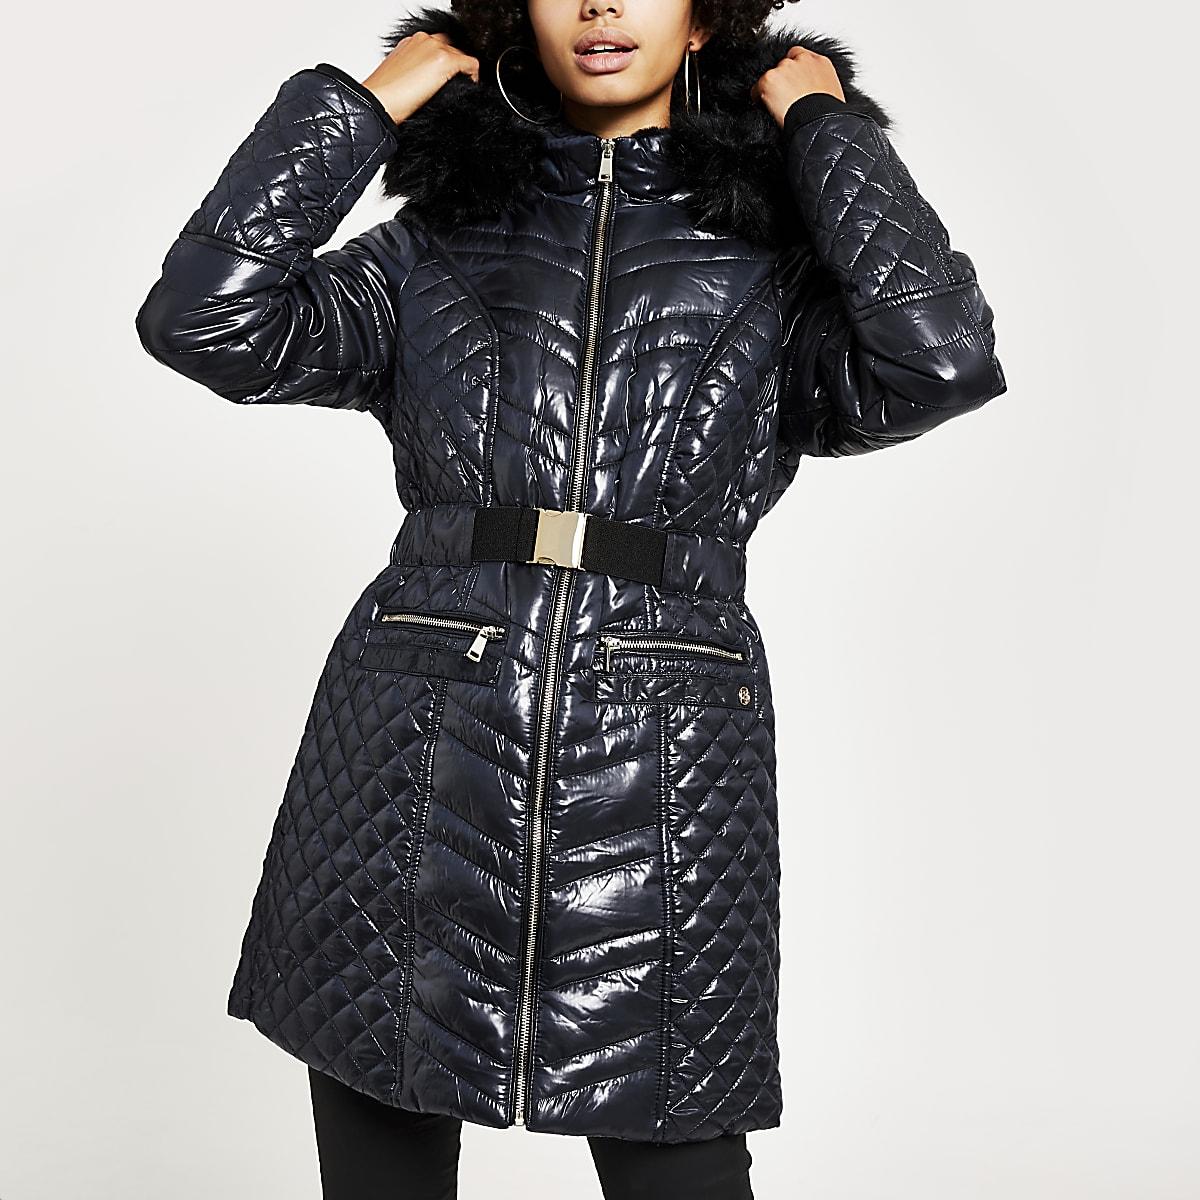 Marineblauwe aansluitende gewatteerde jas met hoogglans